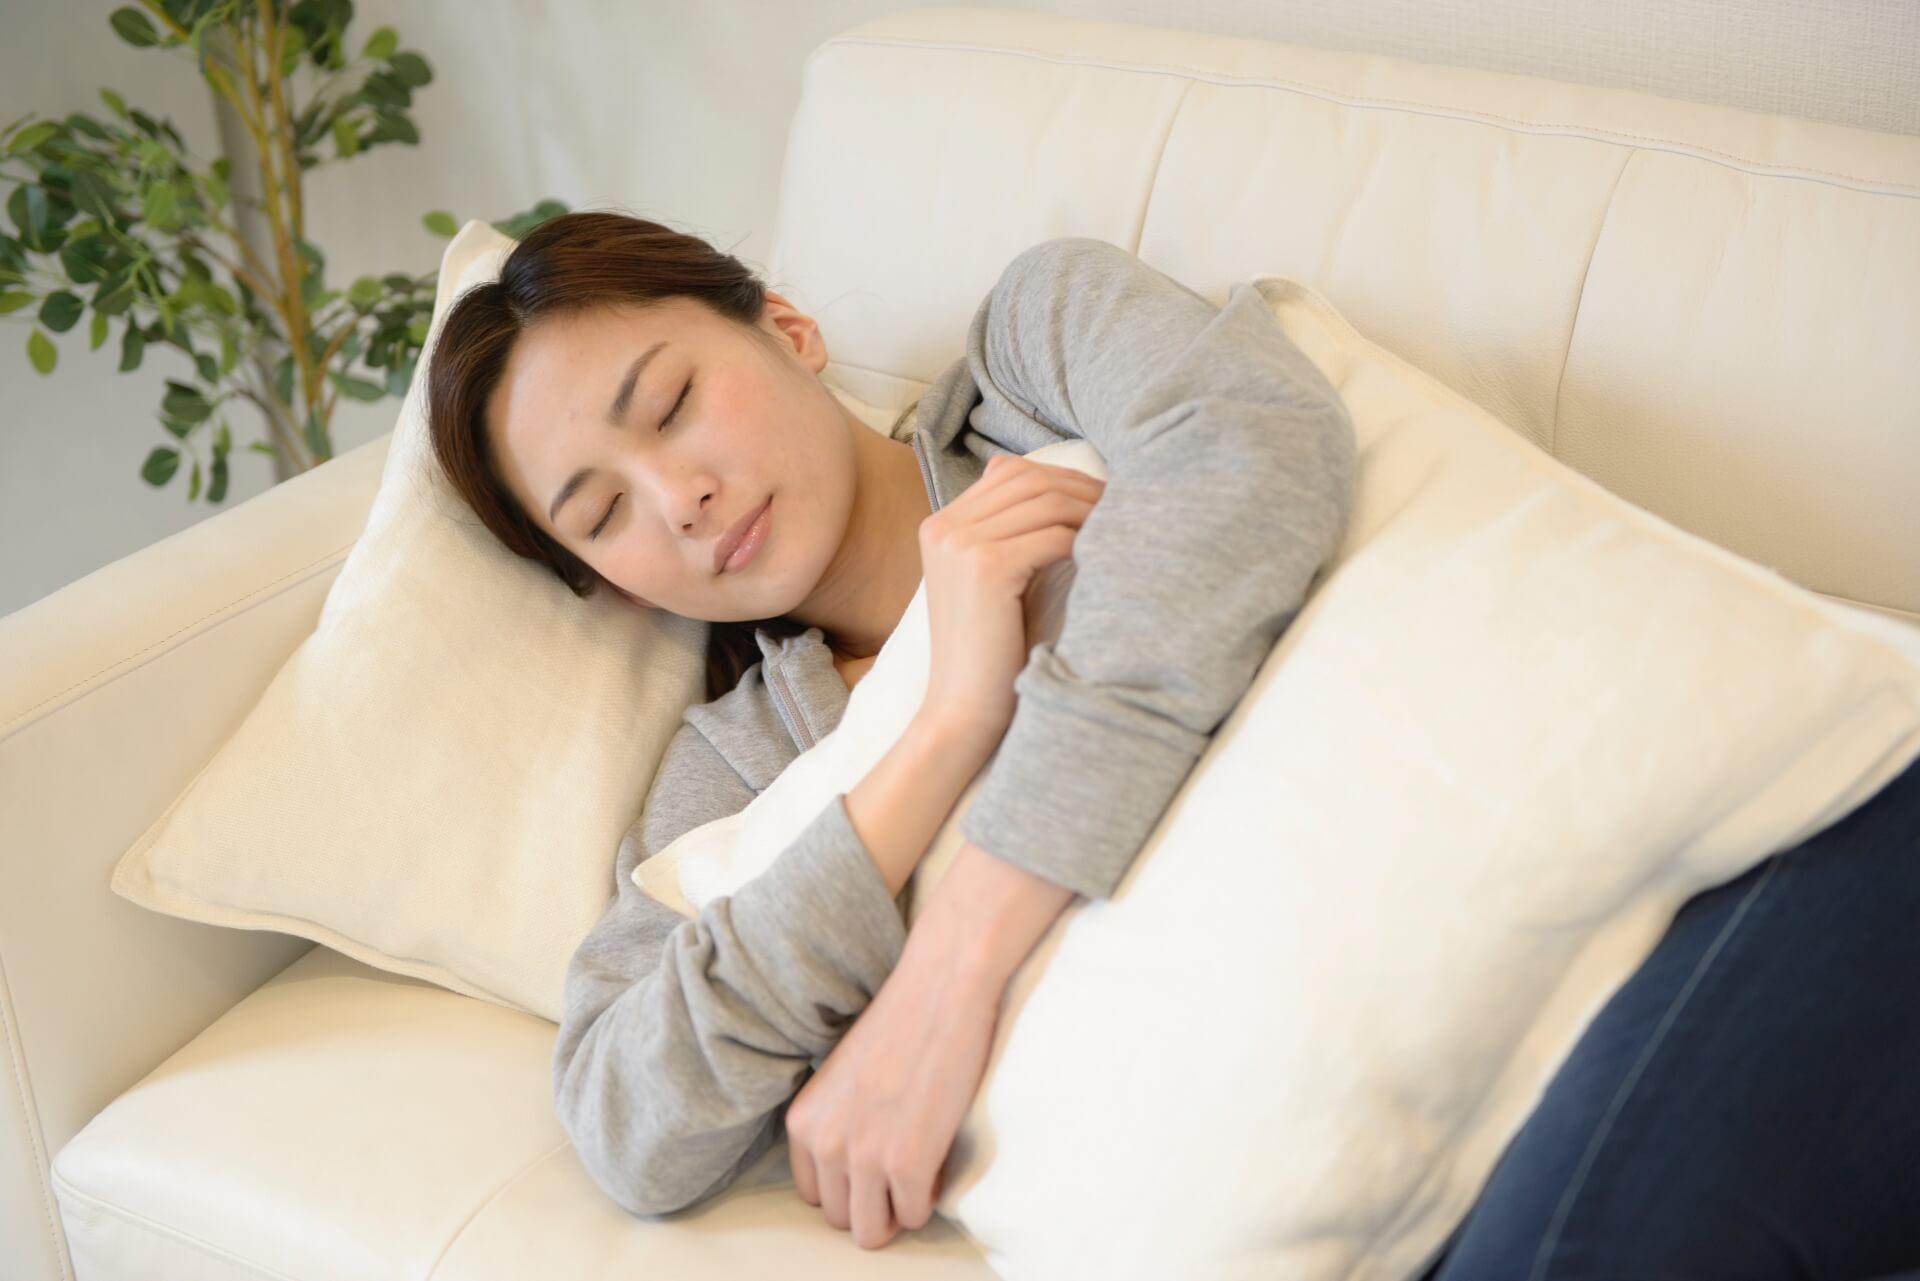 クッションを抱いてソファで眠る女性